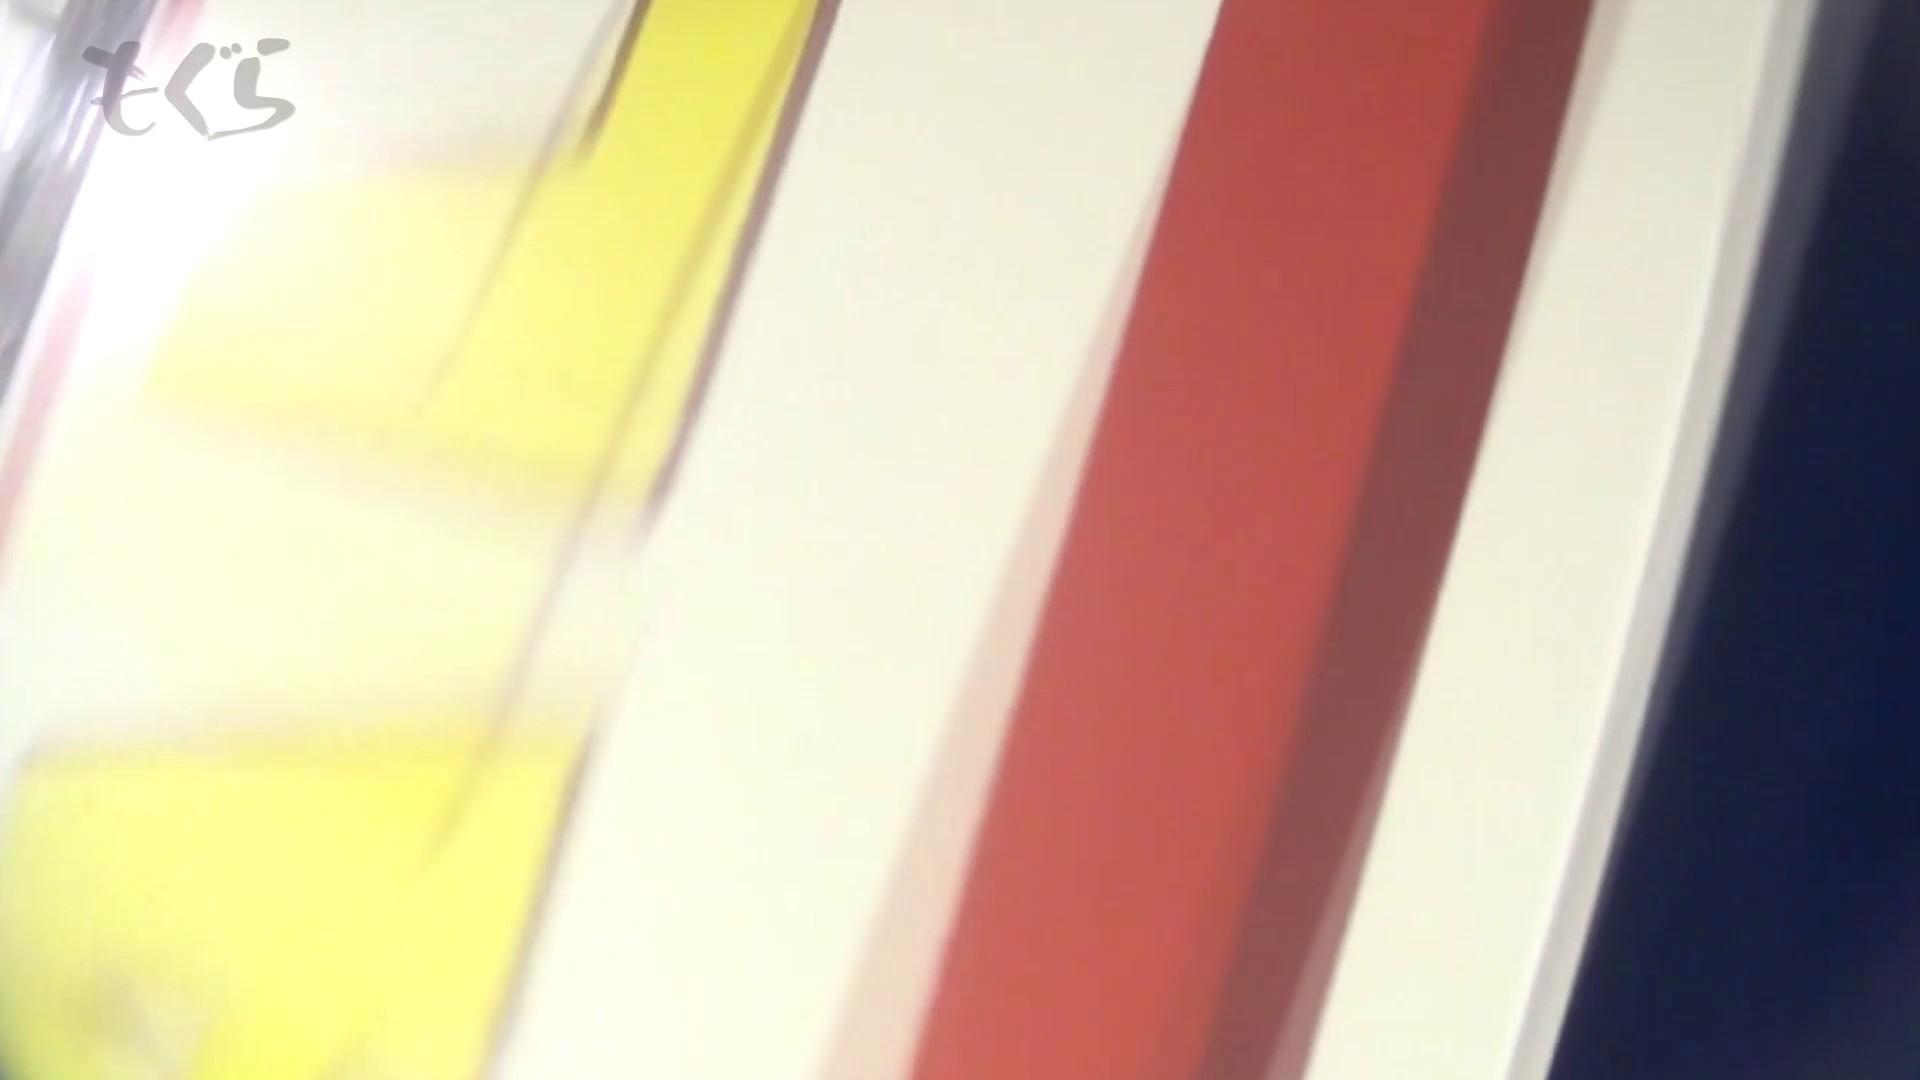 隣からNo33 夏ですっ!!青の涼しげ縦じまワンピ 盛合せ | パンチラ  67画像 7